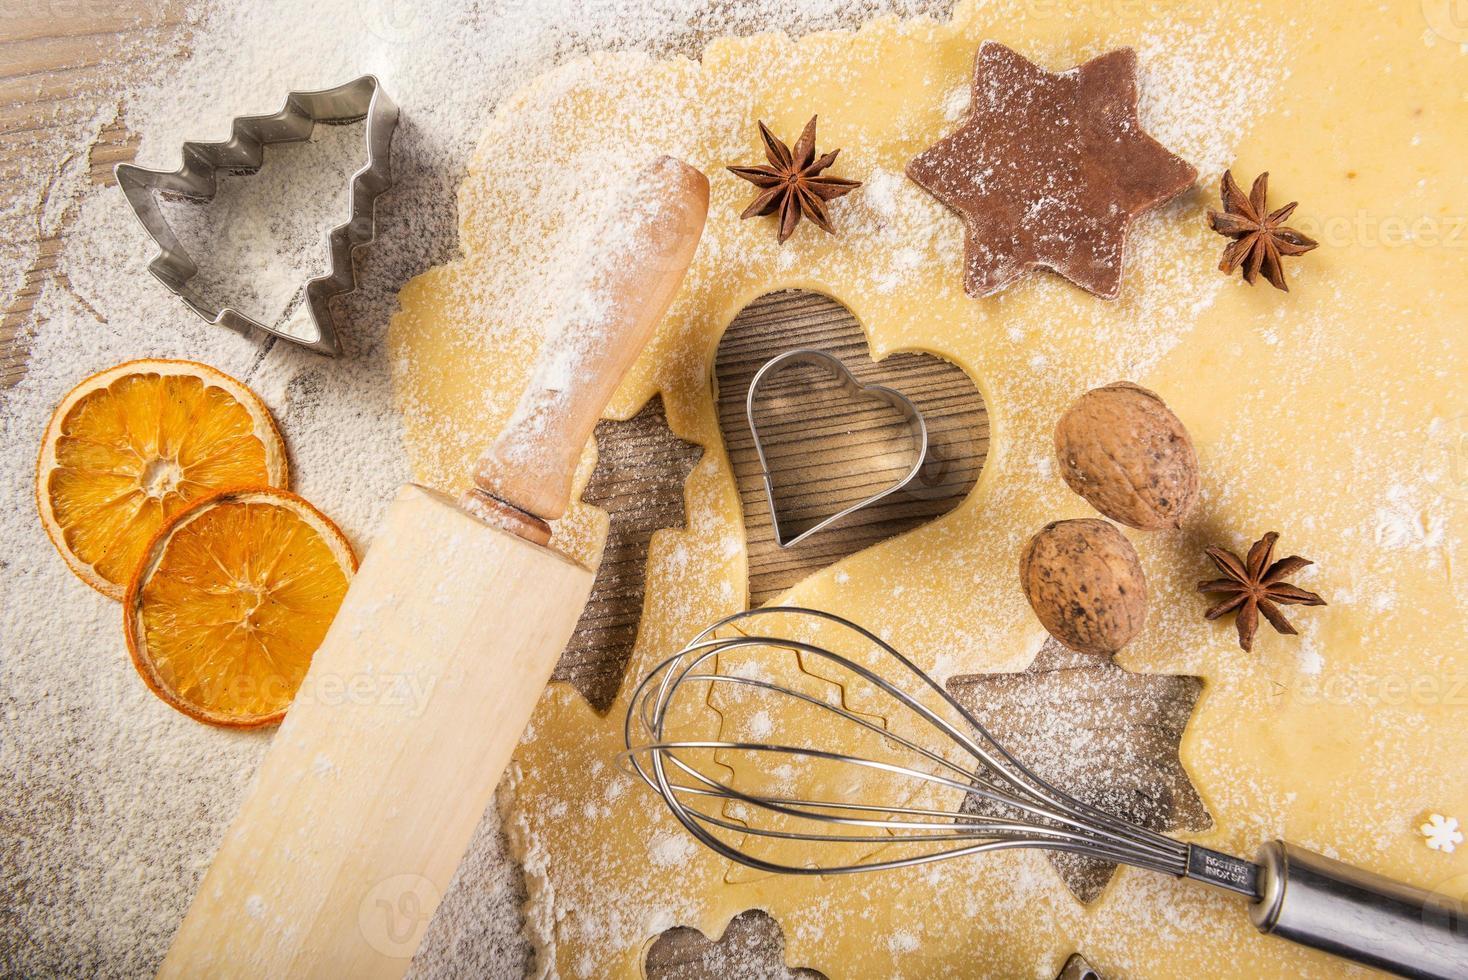 julbakning, kakor, kavel, mixer, foto